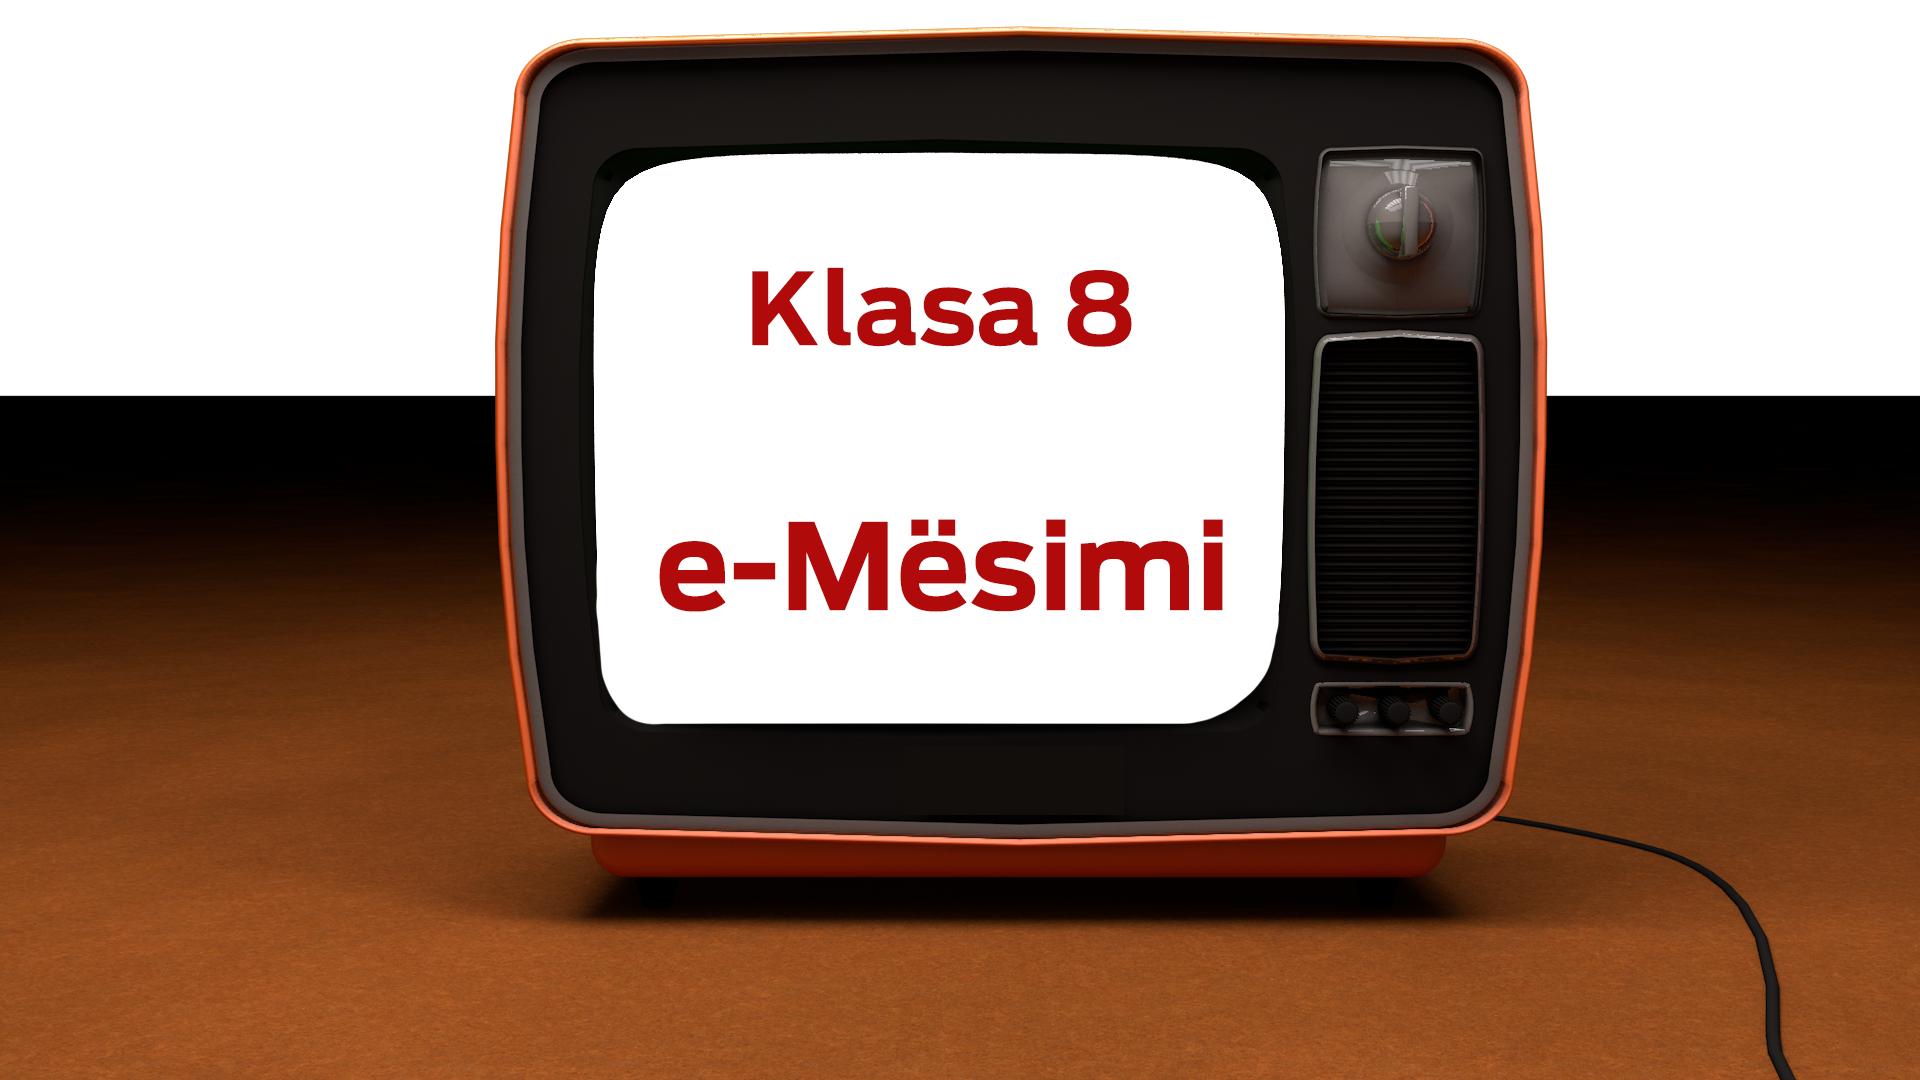 e-mesimi-klasa-8-lenda-gjuhe-shqipe-mesimi-llojet-e-pjesezave